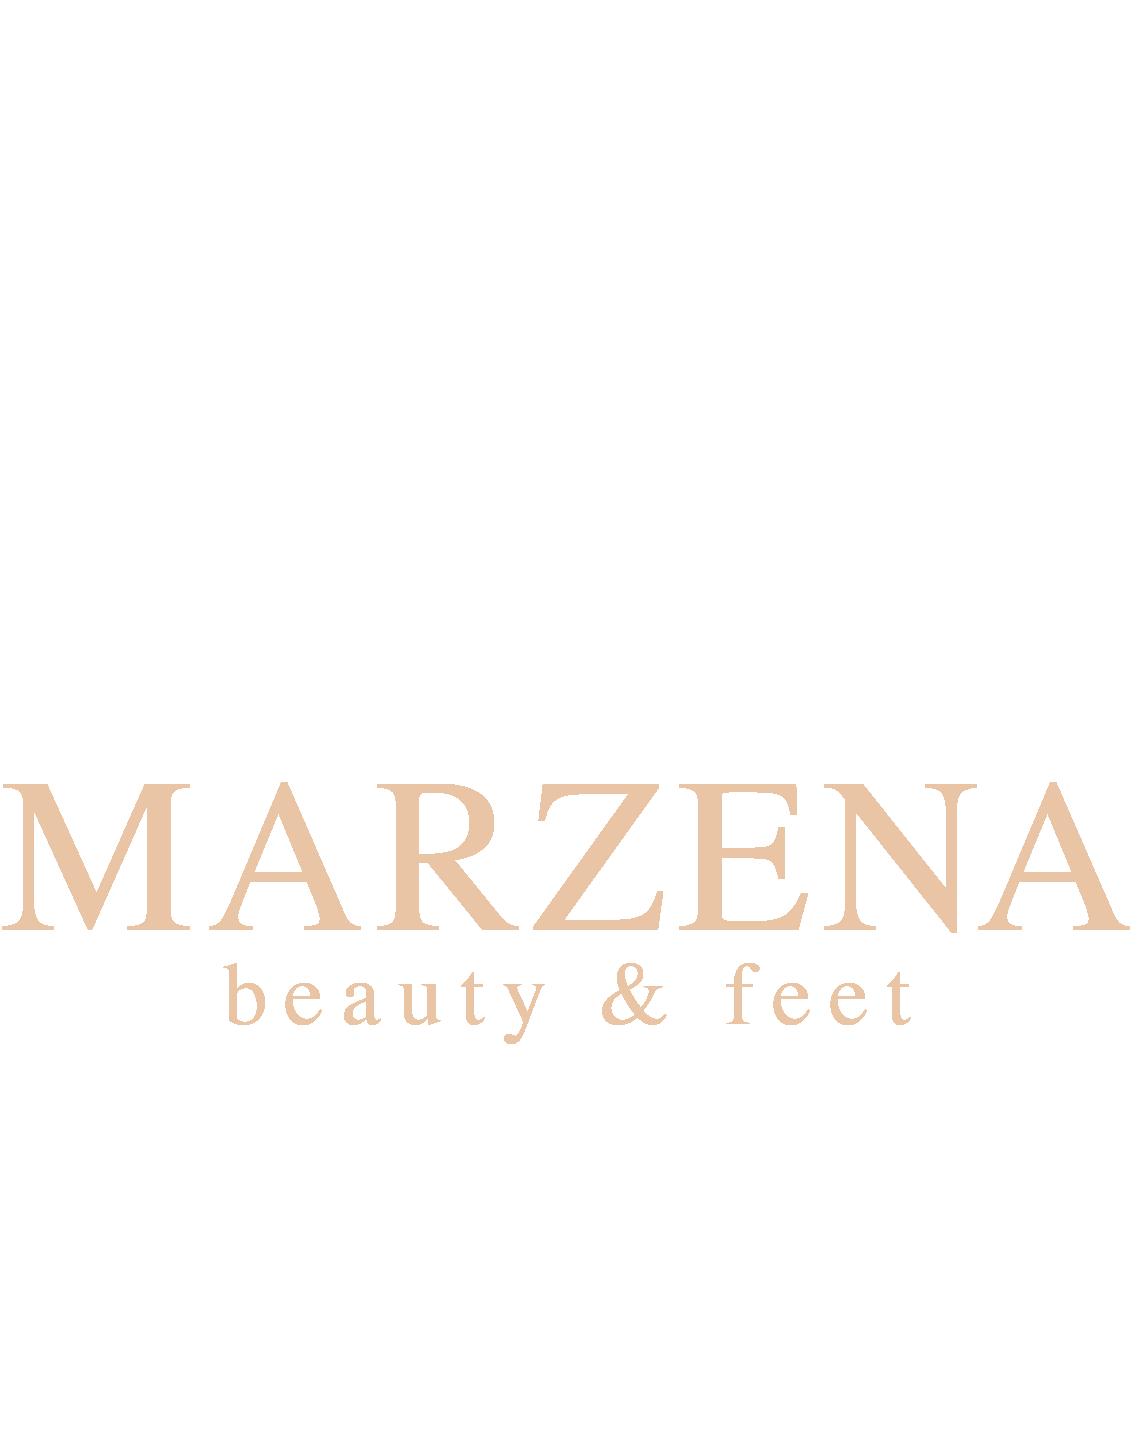 MARZENA beauty & feet Ehingen